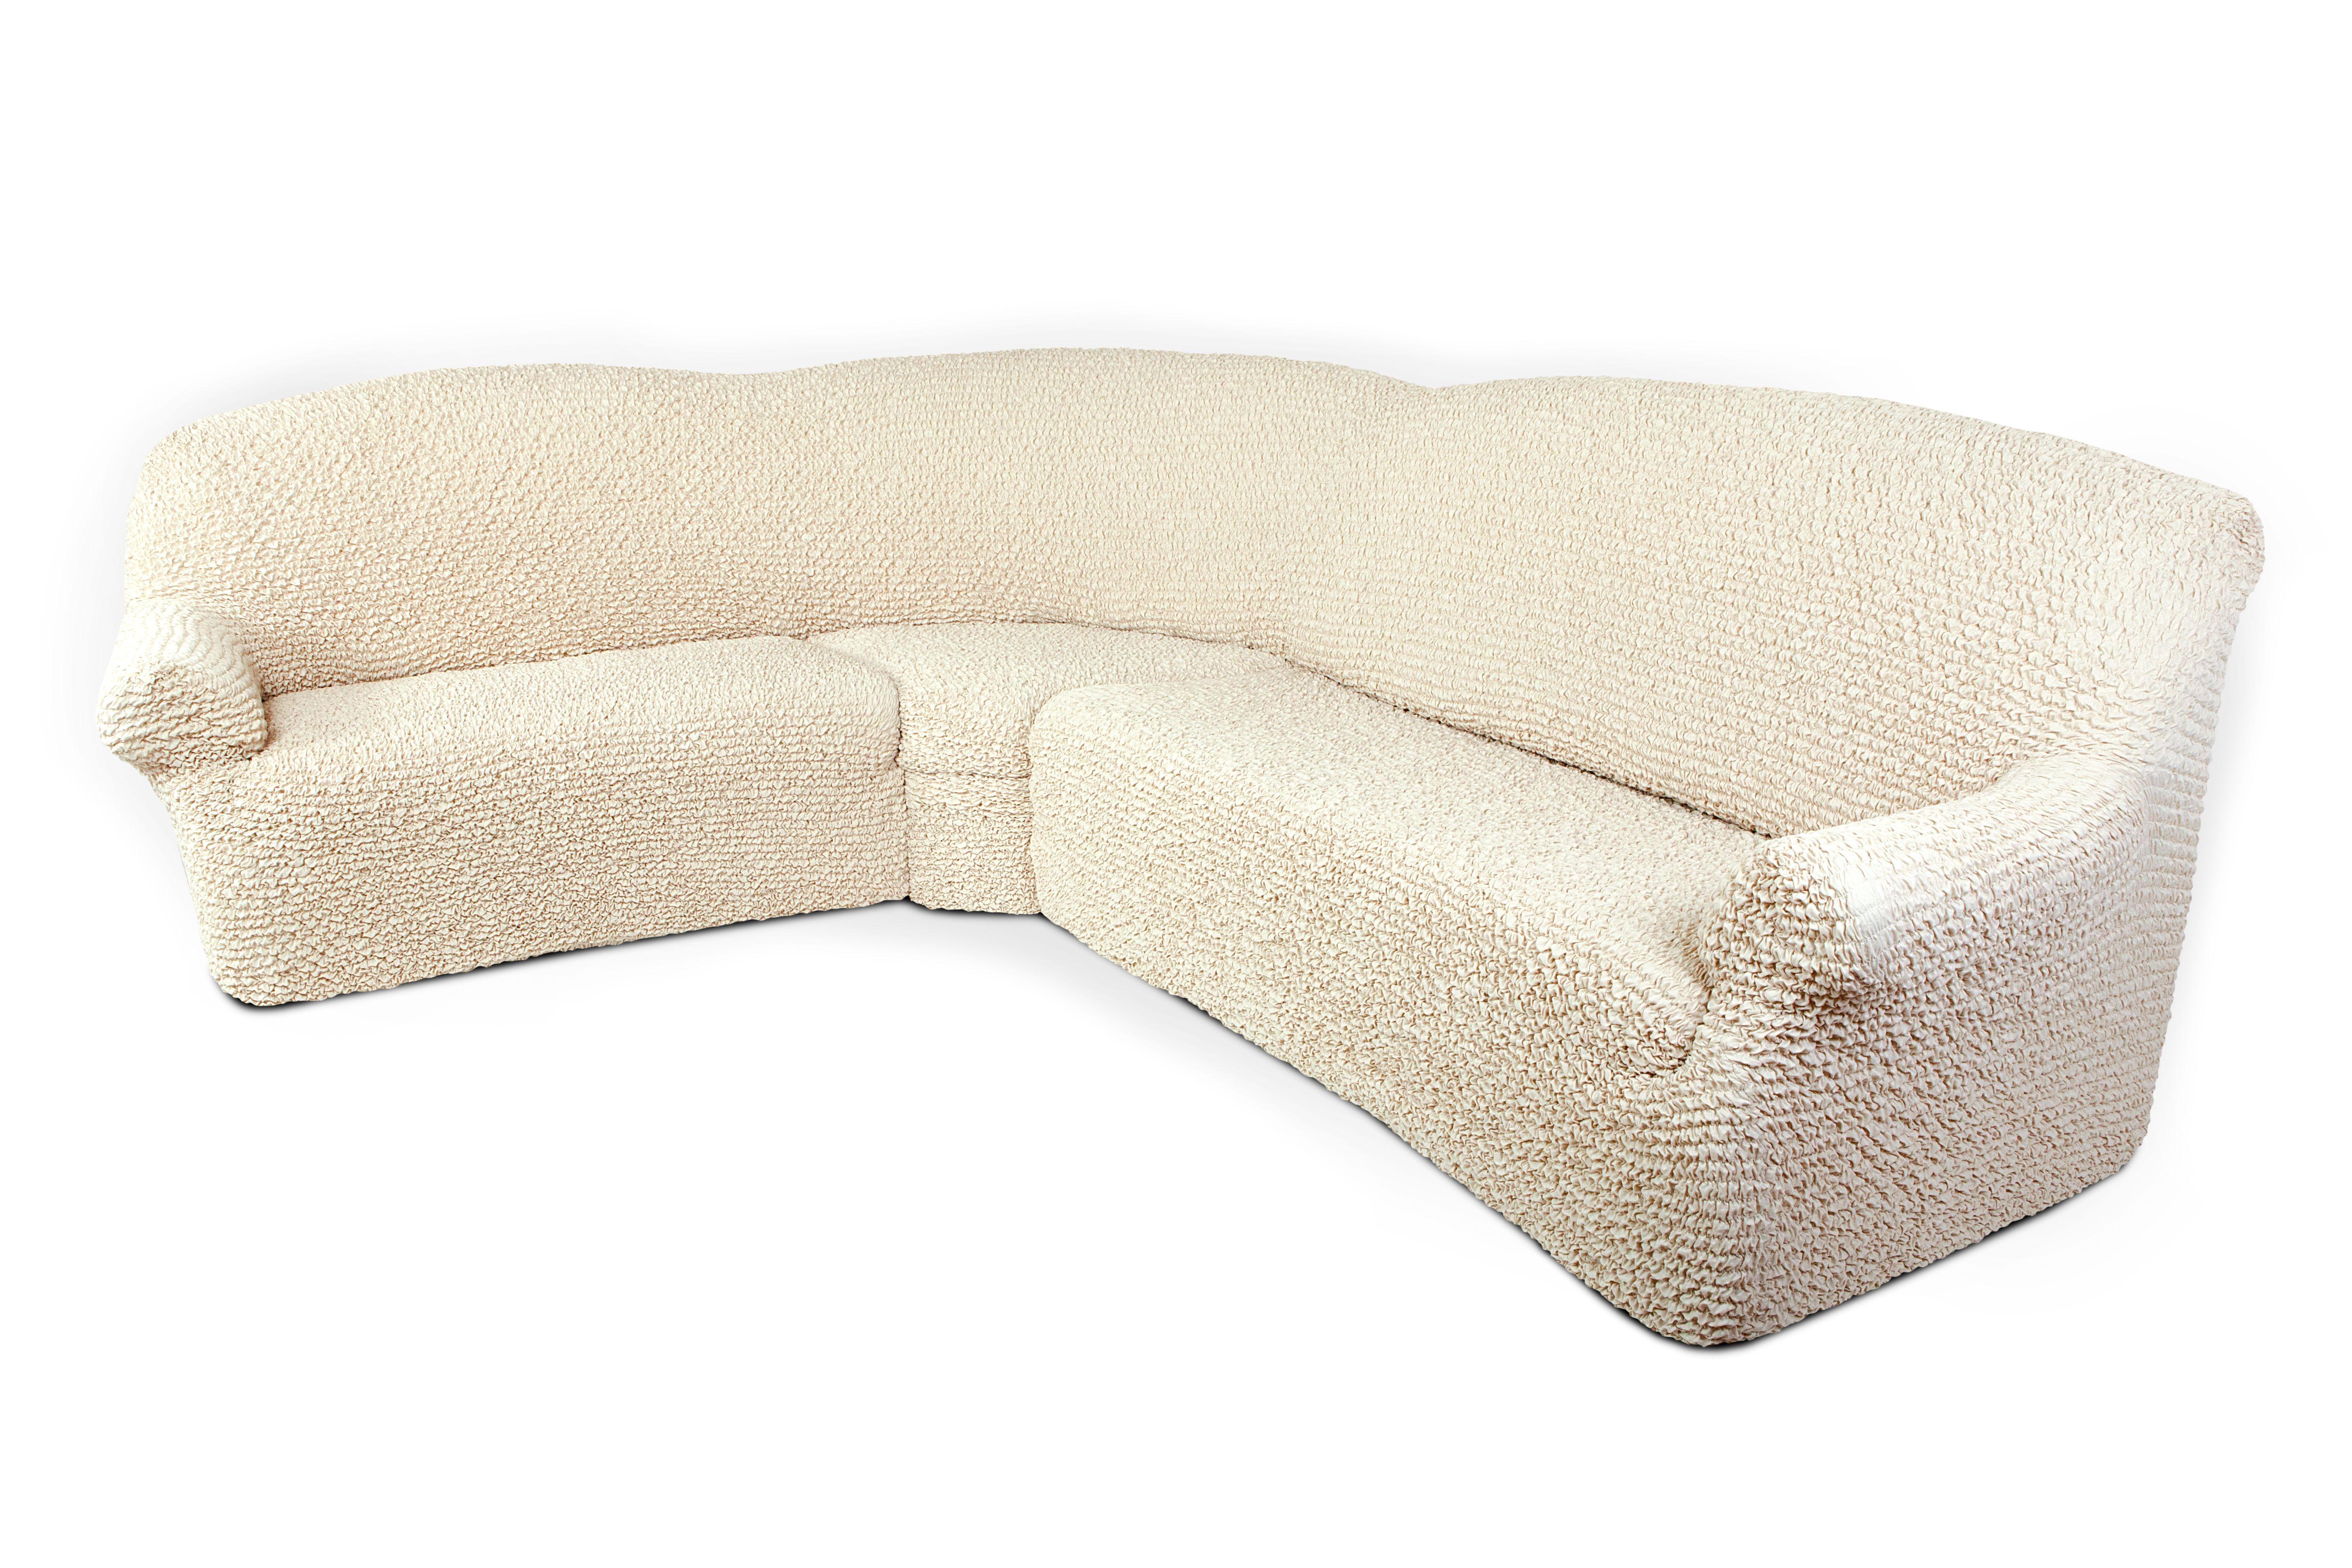 Чехол на угловой диван Еврочехол Микрофибра, цвет: ванильный, 380-550 смTHN132NЧехол на классический угловой диван Еврочехол Микрофибра выполнен из 100% полиэстера. Он идеально подойдет для тех, кто хочет защитить свою мебель от постоянных воздействий. Этот чехол, благодаря прочности ткани, станет идеальным решением для владельцев домашних животных. Кроме того, состав ткани гипоаллергенен, а потому безопасен для малышей или людей пожилого возраста. Такой чехол отлично впишется в любой интерьер. Еврочехол послужит не только практичной защитой для вашей мебели, но и приятно удивит вас мягкостью ткани и итальянским качеством производства. Растяжимость чехла по спинке (без учета подлокотников): 380-550 см.